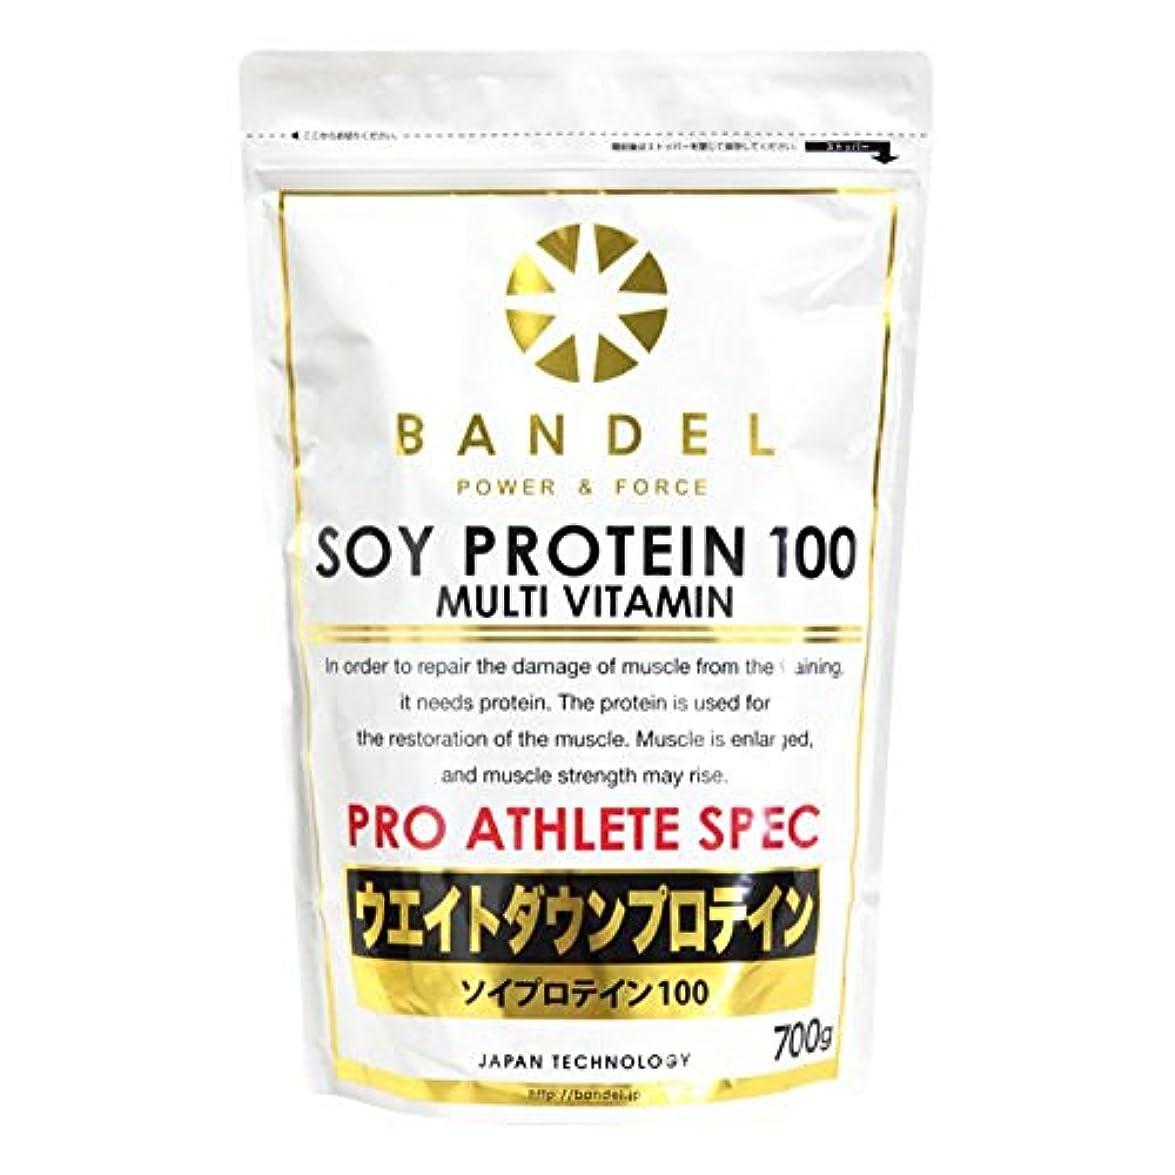 深める報いるさまようバンデル(BANDEL) ソイプロテイン 100(プレーン) 700g【正規品】(ウエイトダウンプロテイン)